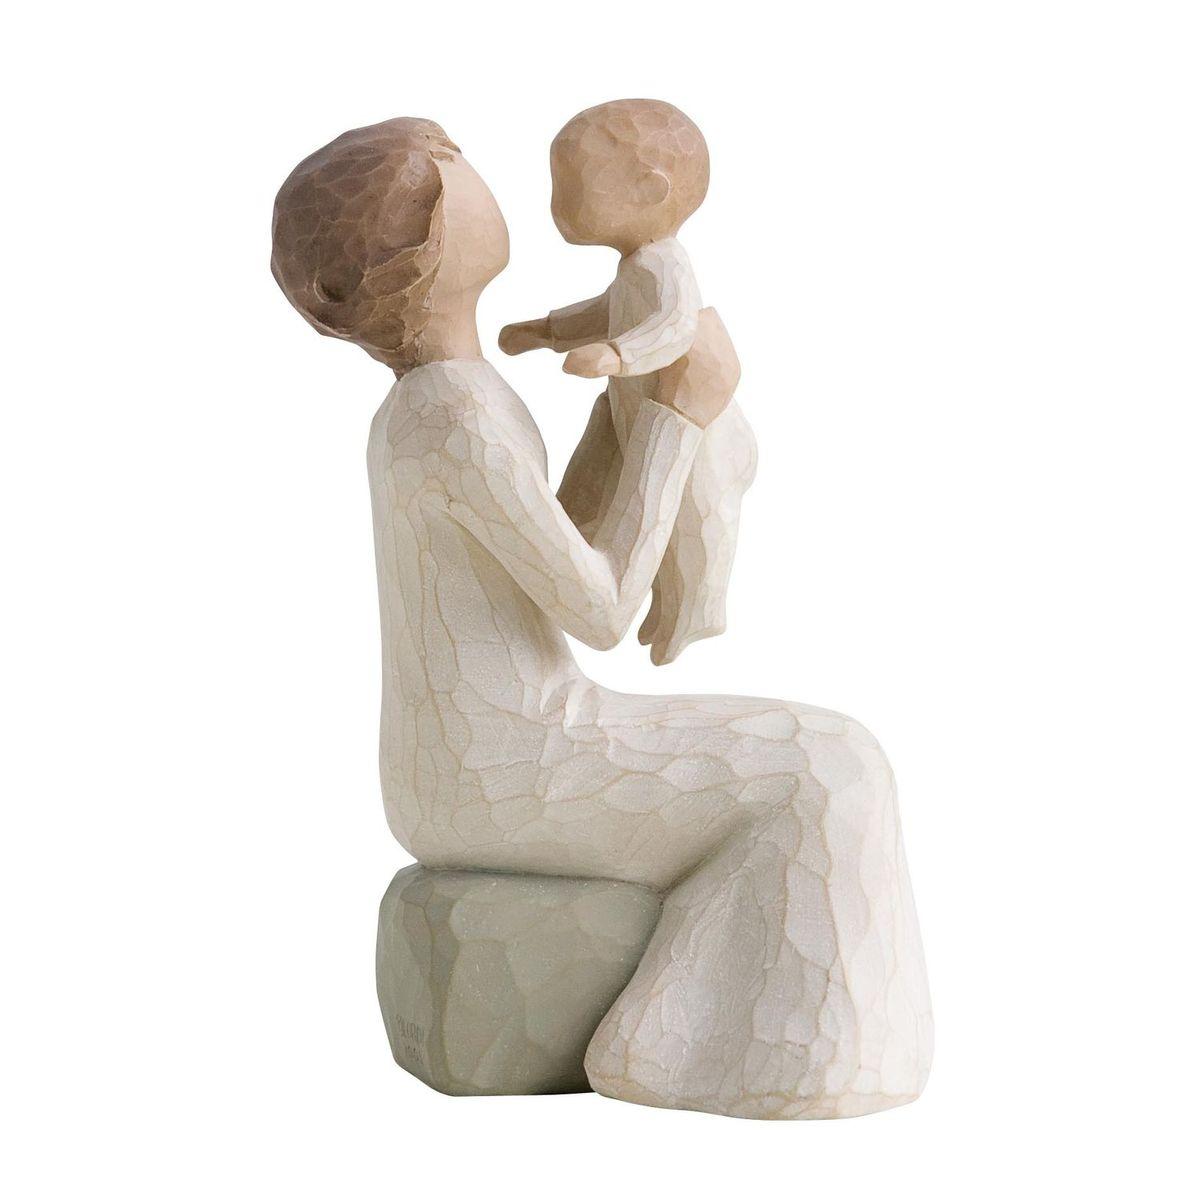 Фигурка декоративная Willow Tree Бабушка, высота 14,5 см10850/1W GOLD IVORYДекоративная фигурка Willow Tree создана канадским скульптором Сьюзан Лорди. Фигурка выполнена из искусственного камня (49% карбонат кальция мелкозернистой разновидности, 51% искусственный камень).Фигурка Willow Tree – это настоящее произведение искусства, образная скульптура в миниатюре, изображающая эмоции и чувства, которые помогают чувствовать себя ближе к другим, верить в мечту, выражать любовь.Фигурка помещена в красивую упаковку.Купить такой оригинальный подарок, значит не только украсить интерьер помещения или жилой комнаты, но выразить свое глубокое отношение к любимому человеку. Этот прекрасный сувенир будет лучшим подарком на день ангела, именины, день рождения, юбилей.